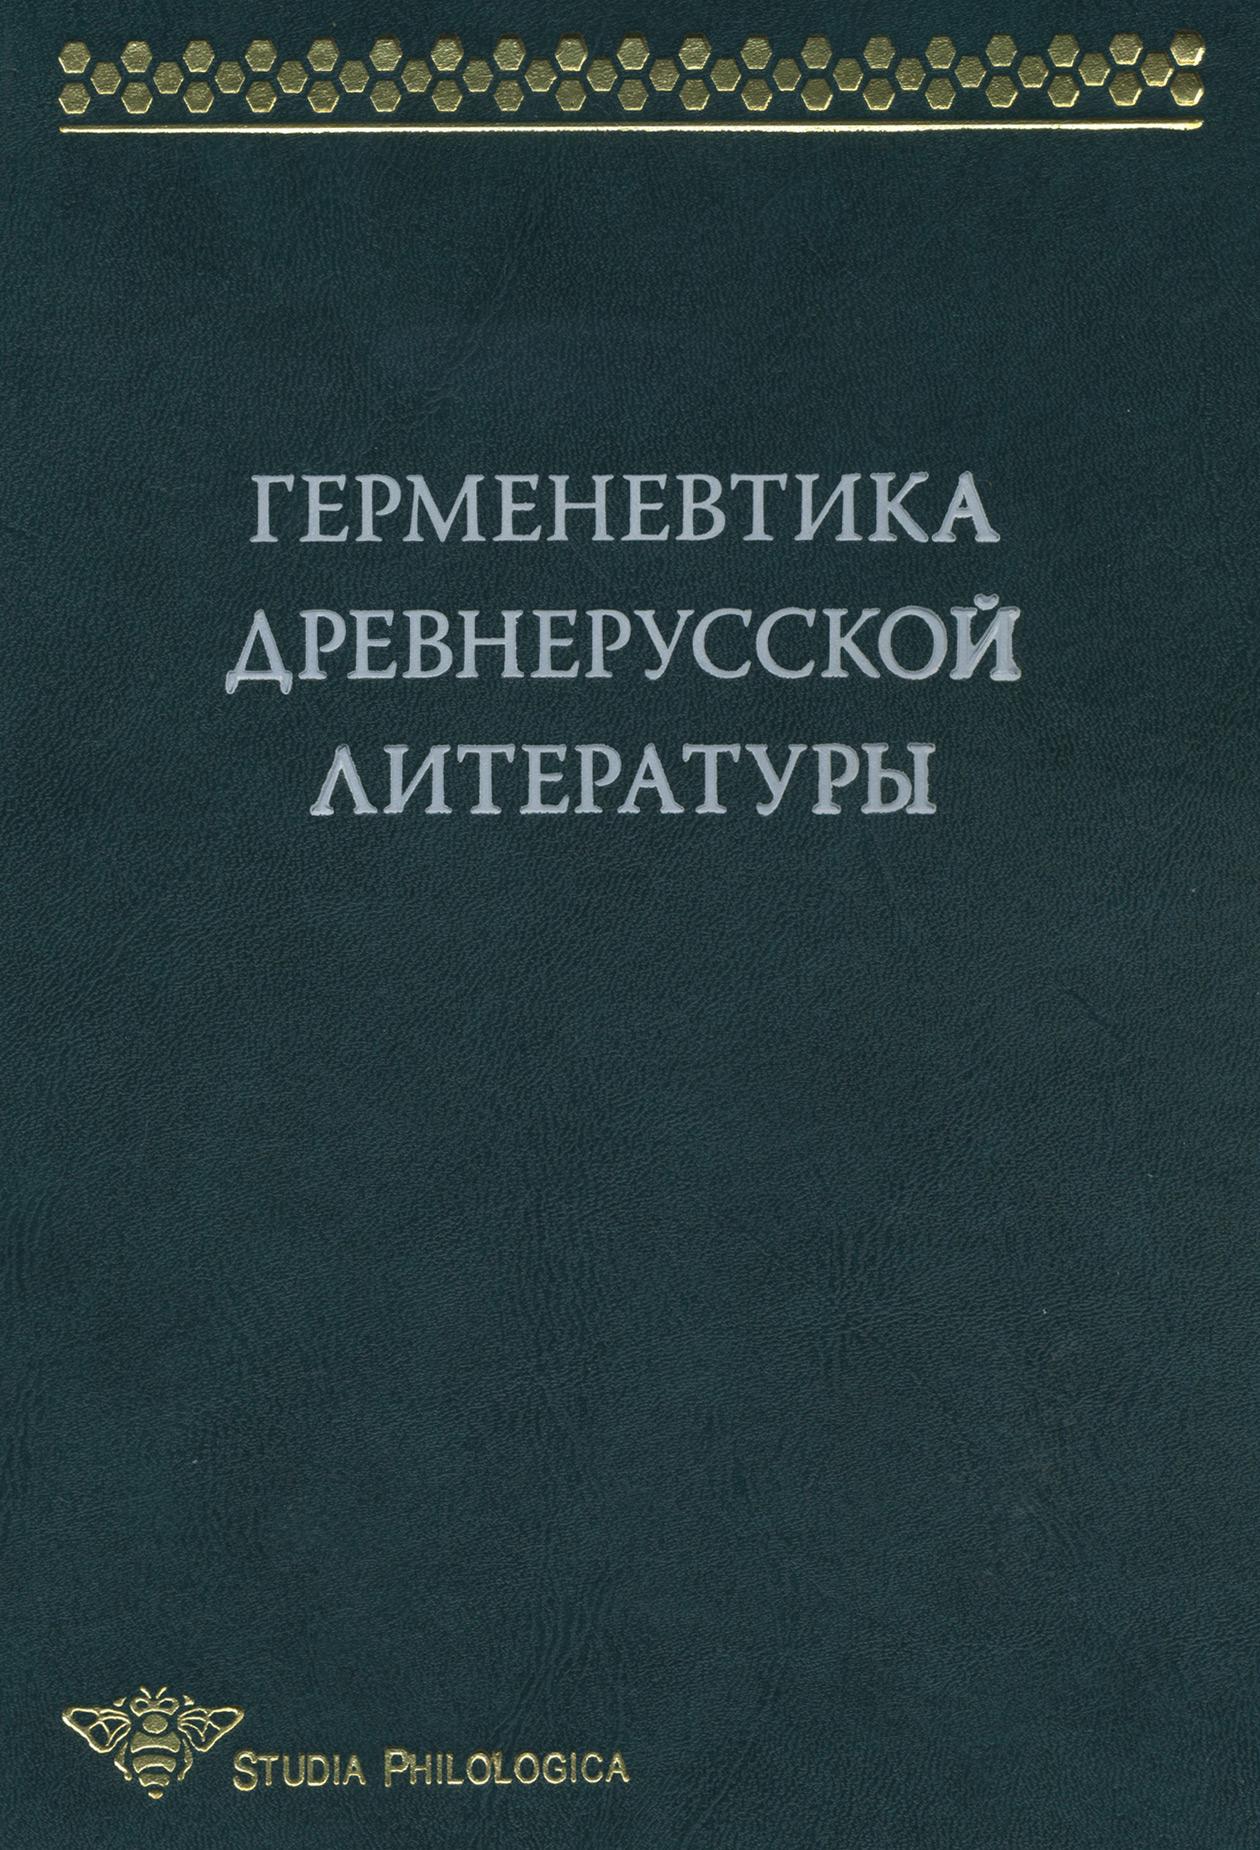 Купить книгу Герменевтика древнерусской литературы. Сборник 13, автора Коллектива авторов